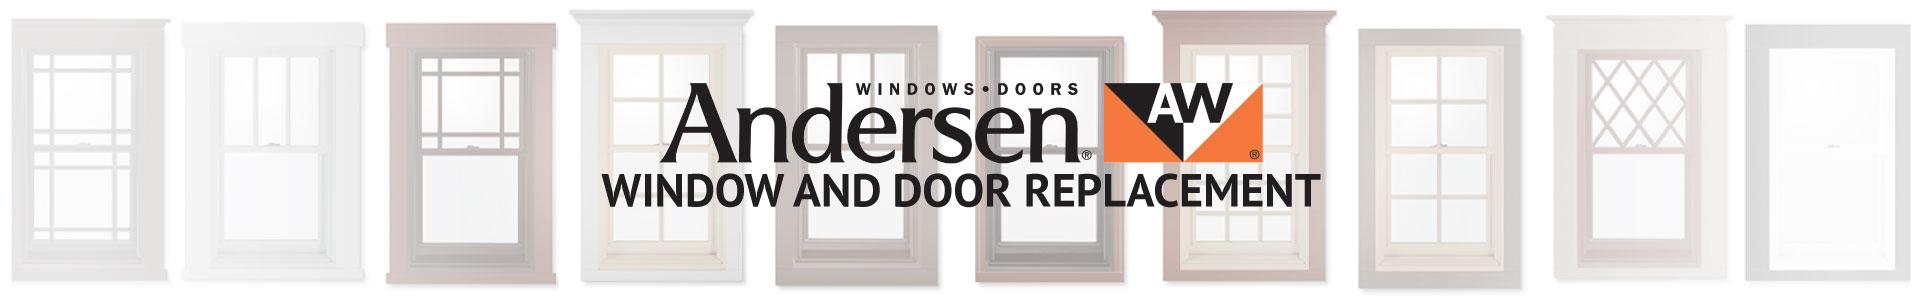 Andersen Window And Door Replacement New Installation On